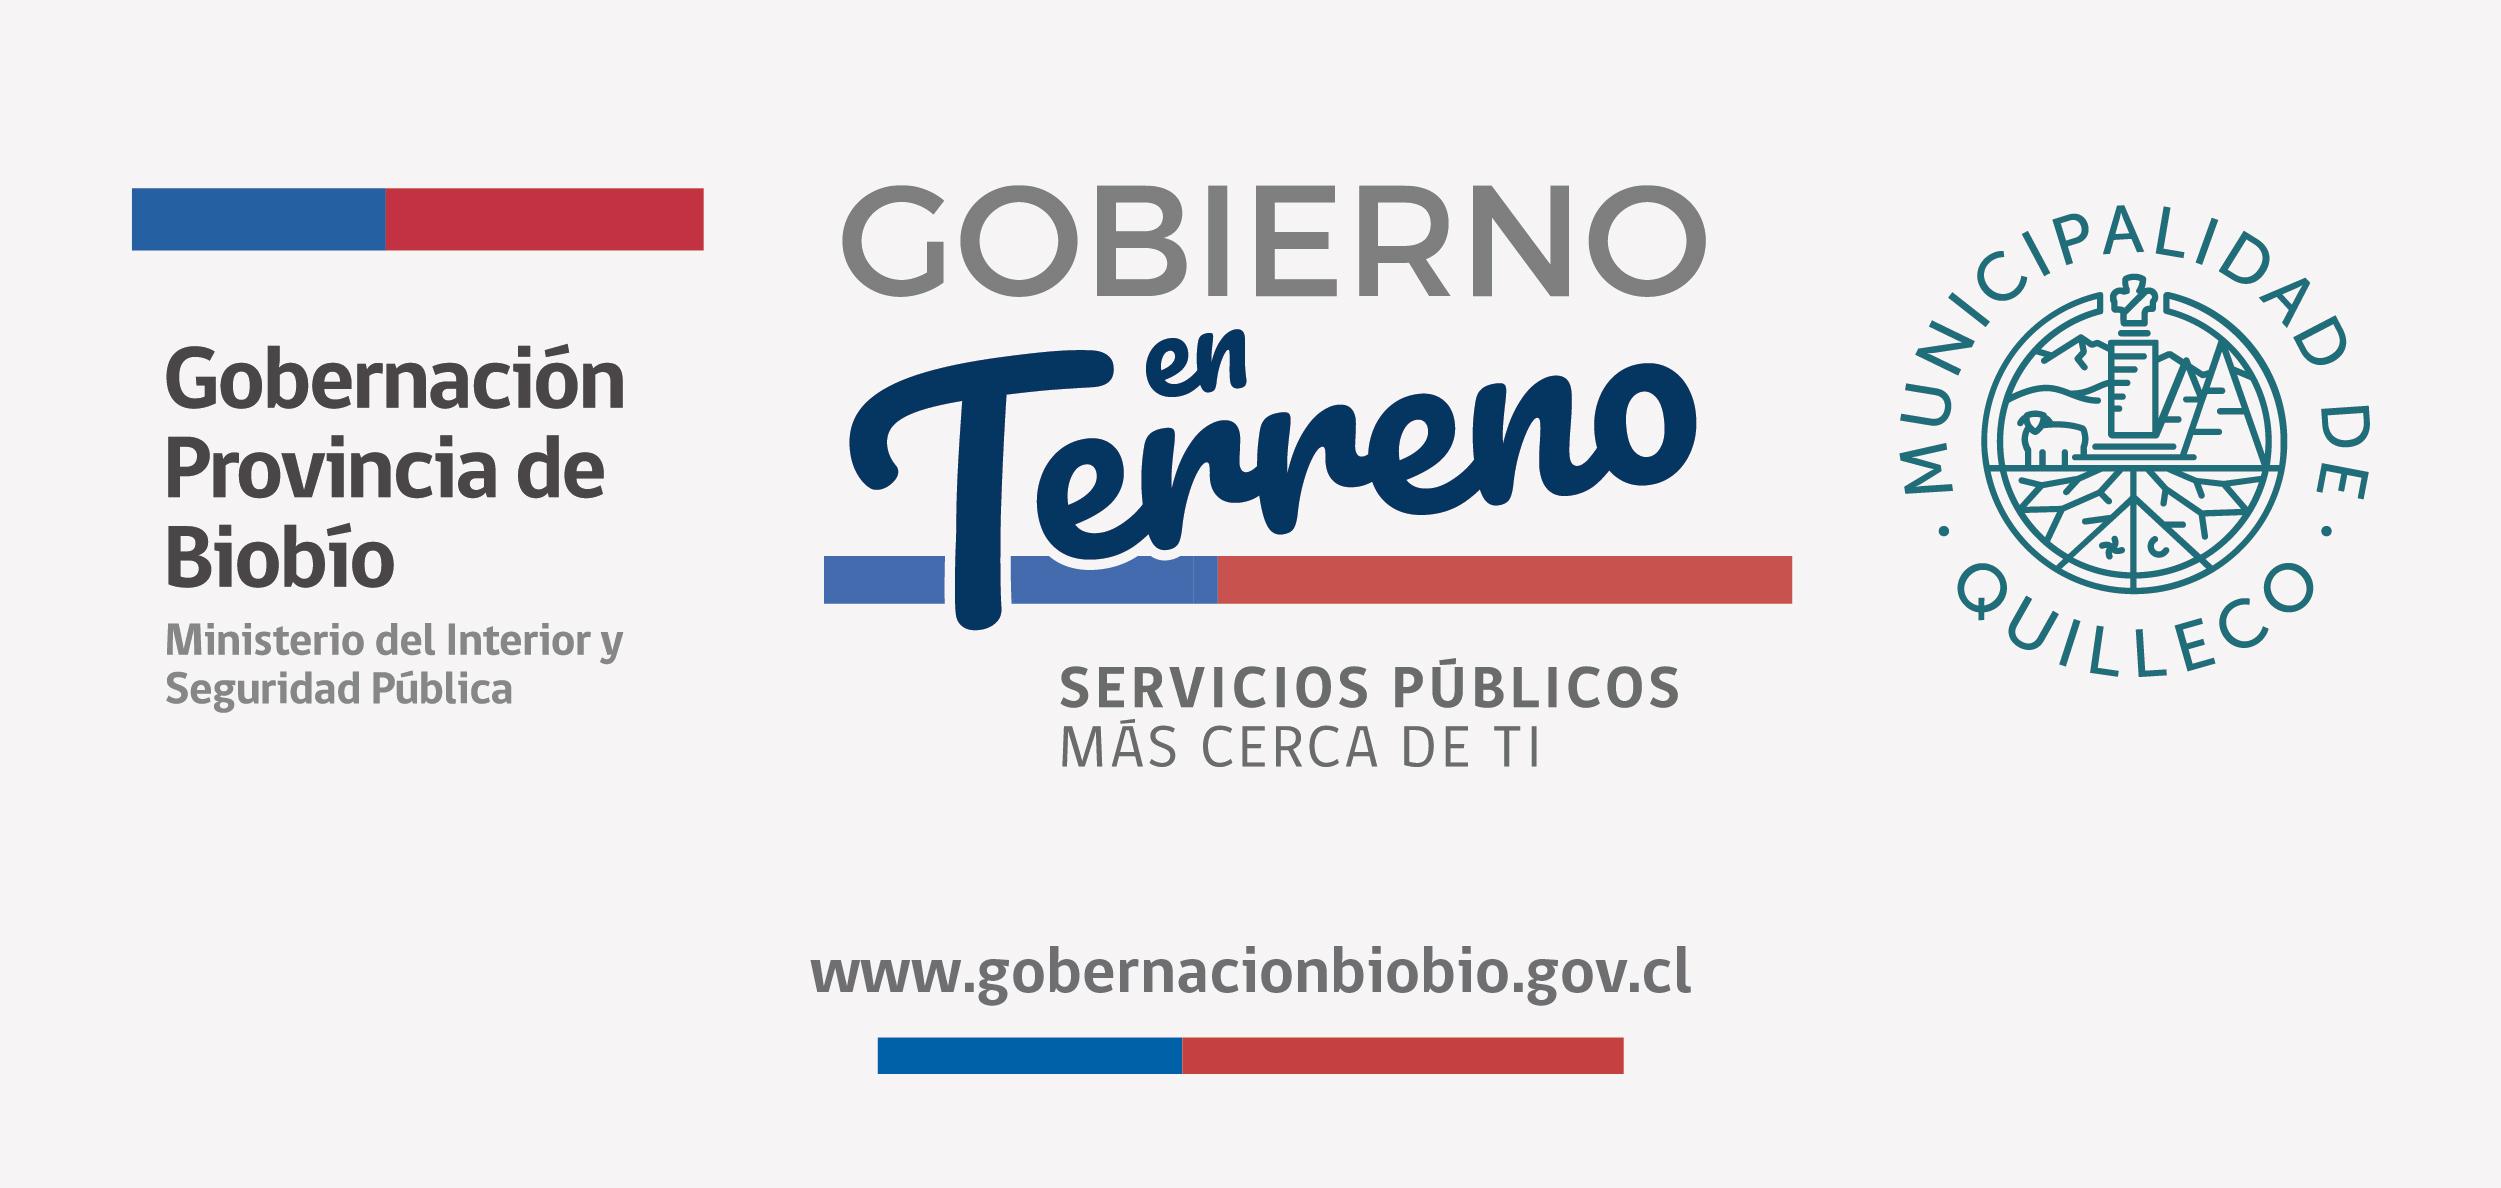 Municipio invita a los vecinos de Quilleco a participar en la actividad Gobierno en Terreno